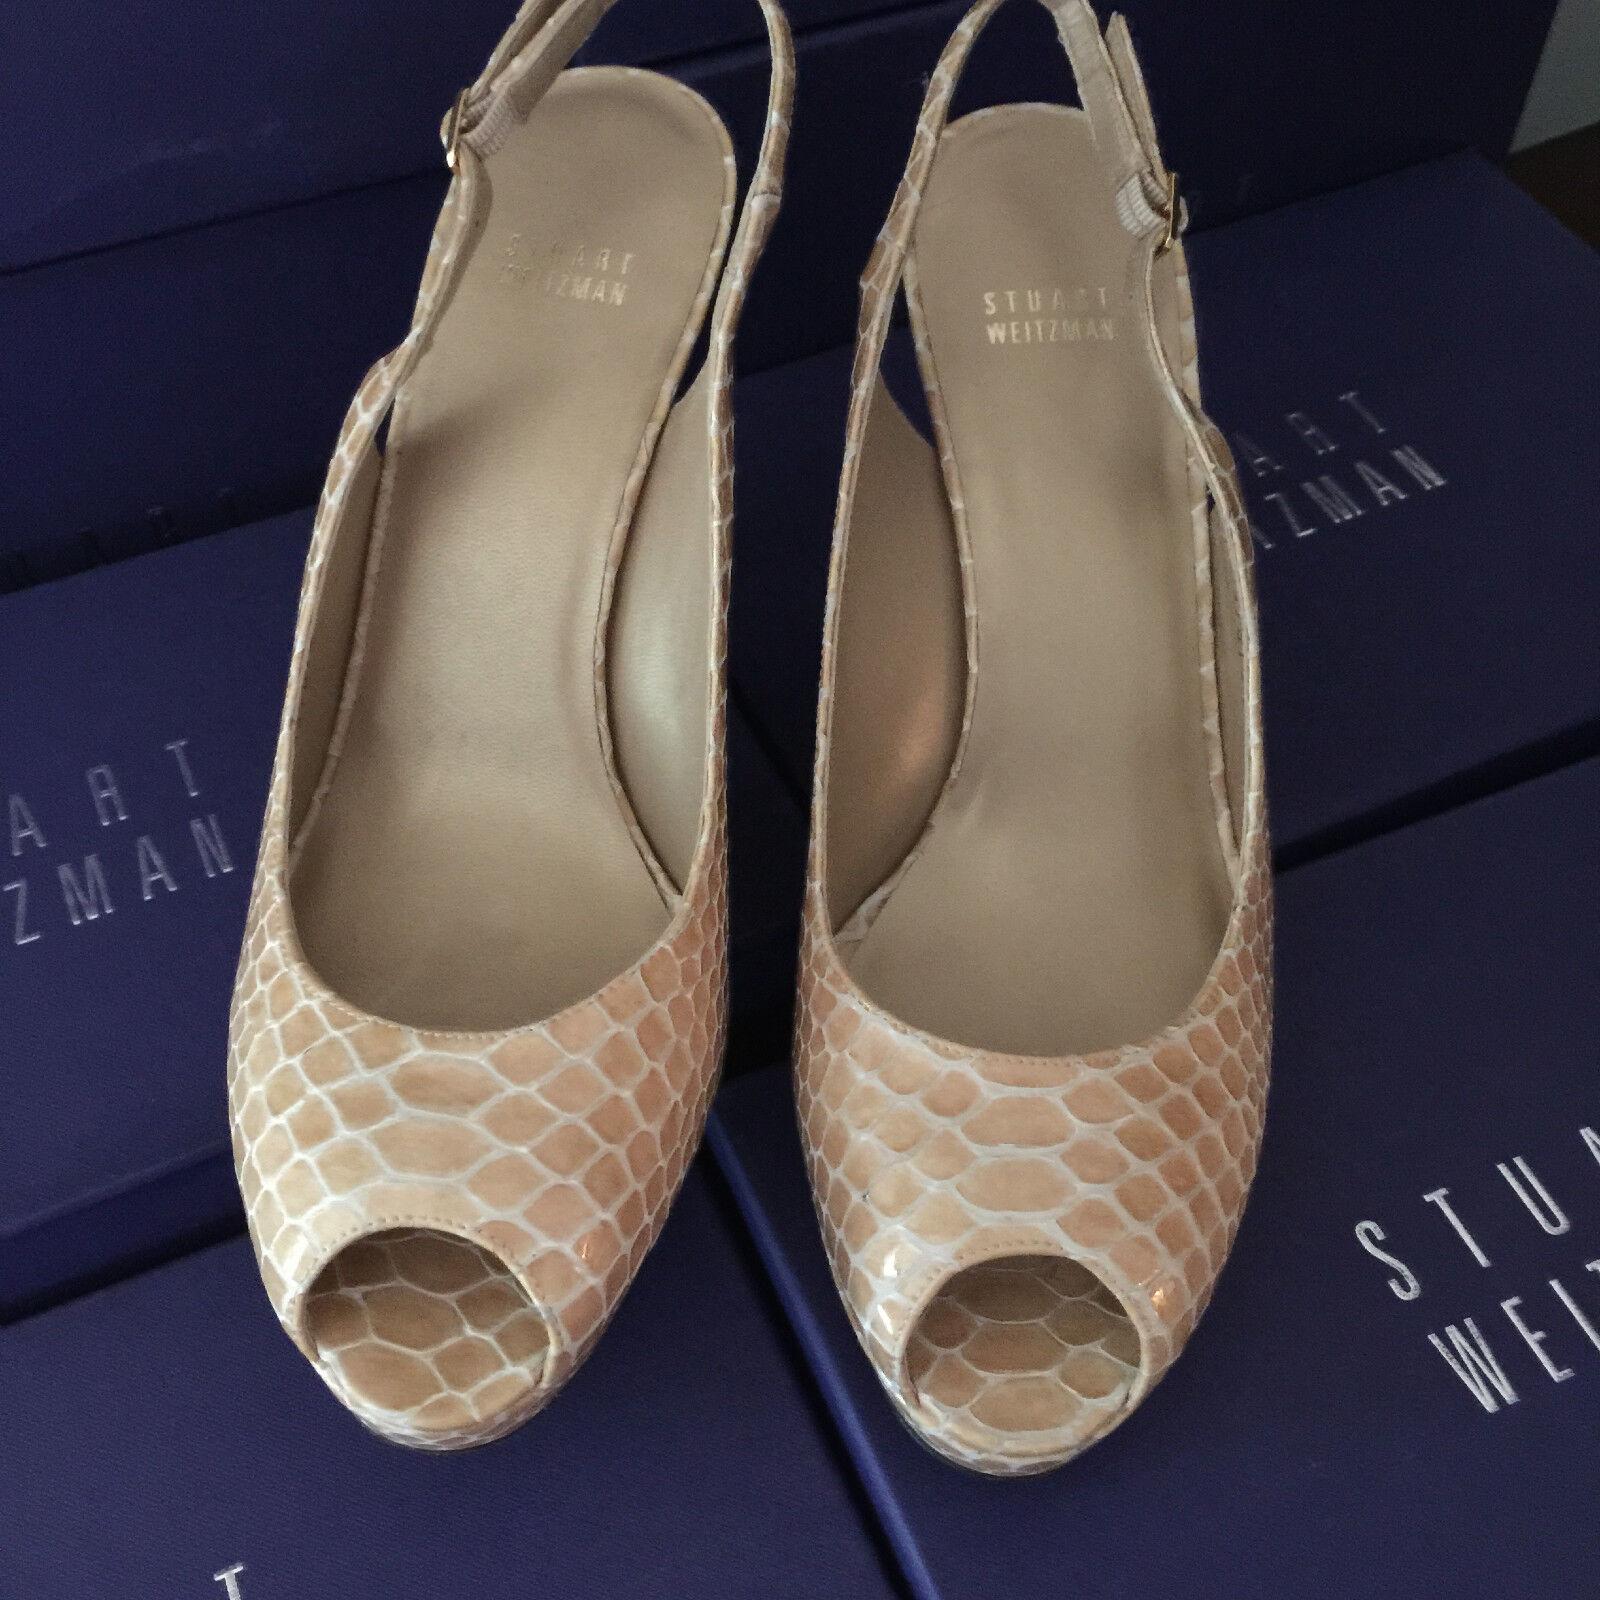 Nuevos Zapatos para mujer Stuart Weitzman Talla 11 Beige Charol Charol Charol Arena Crtstal  la red entera más baja